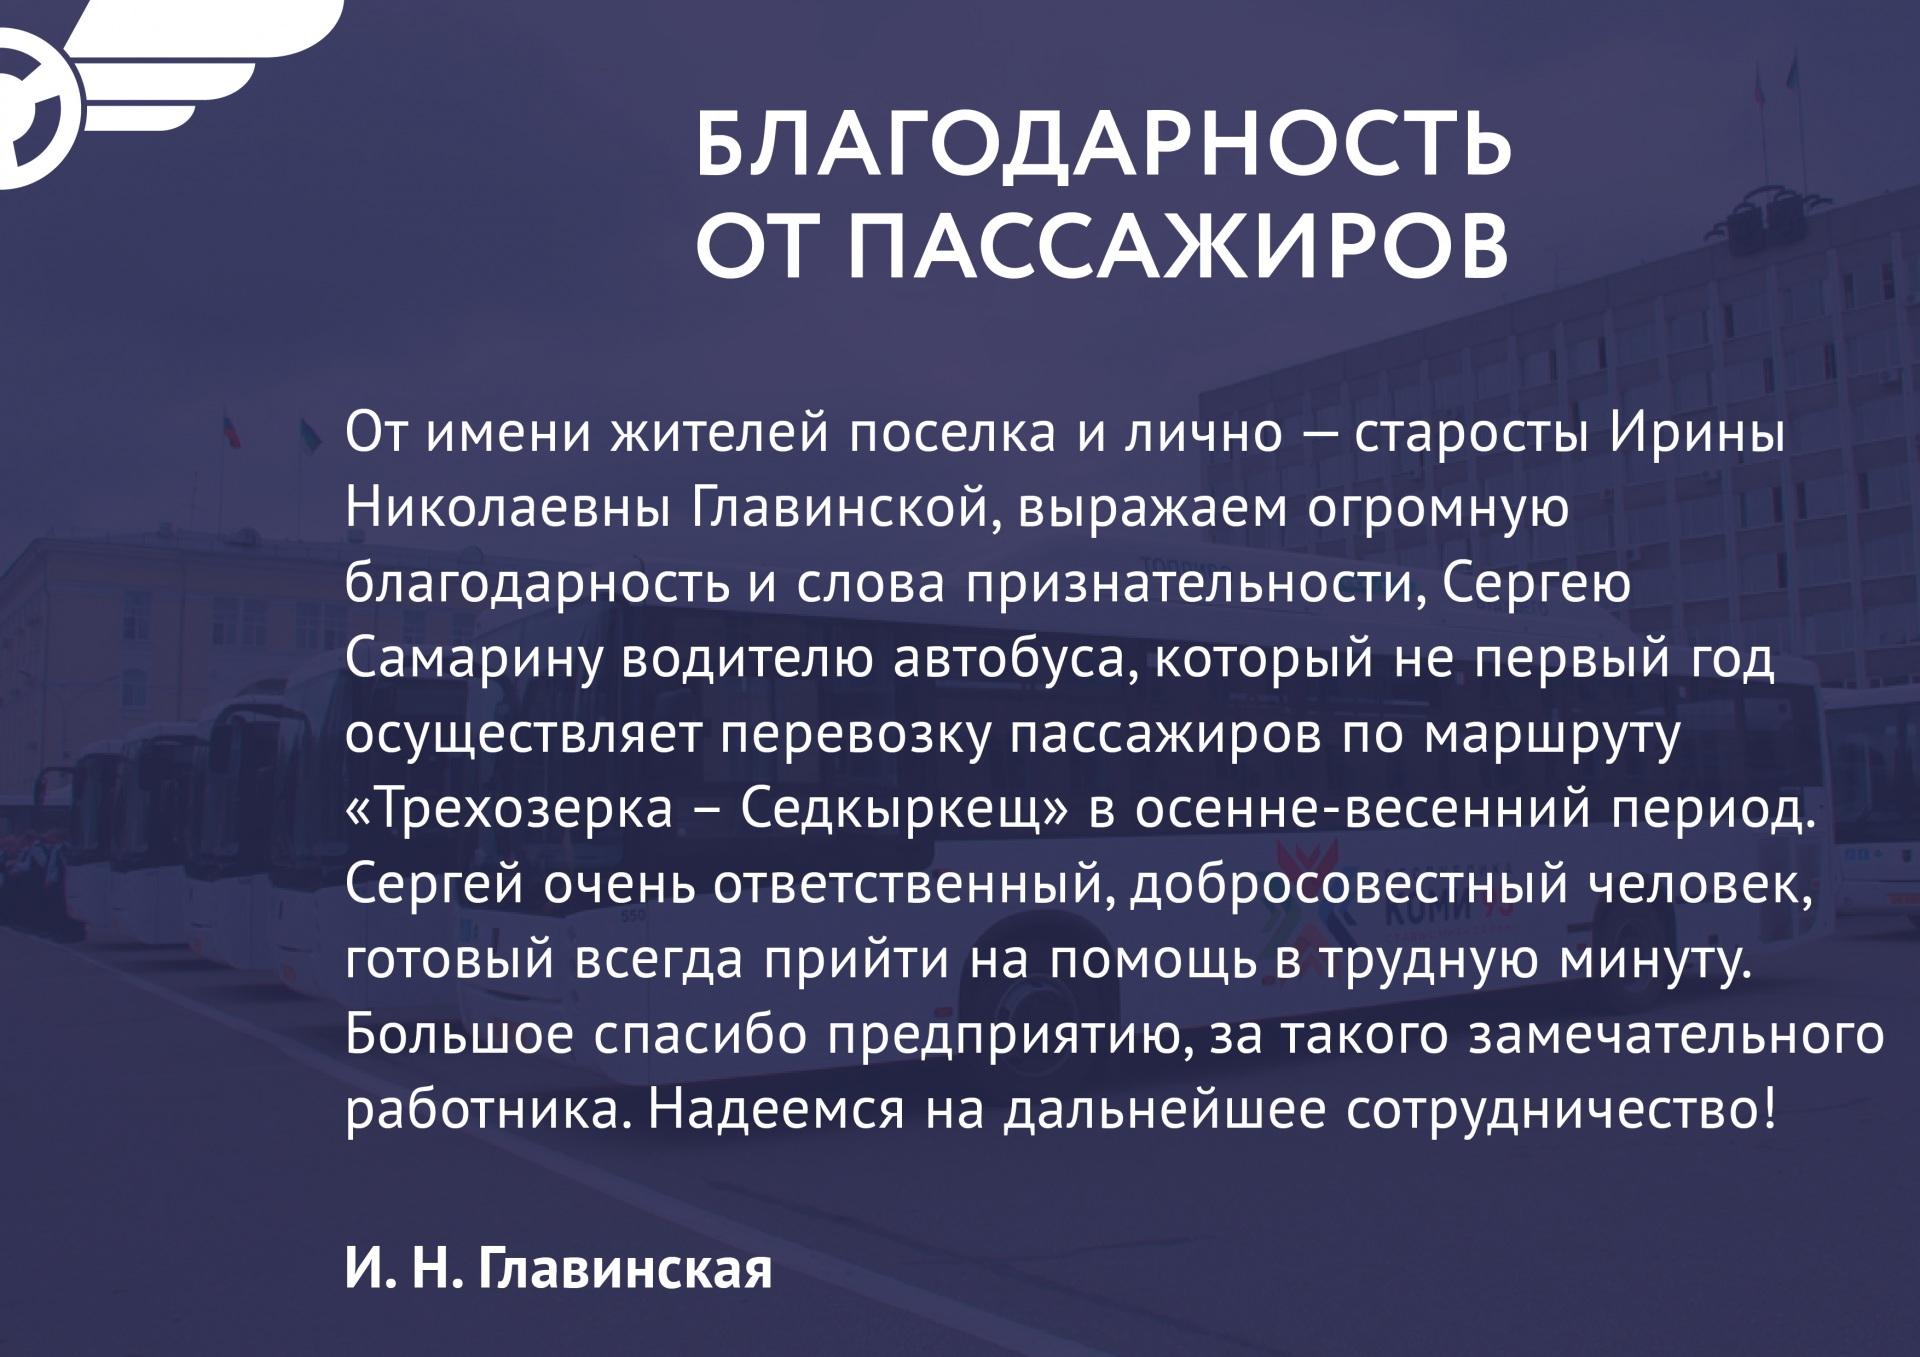 33-01.jpg